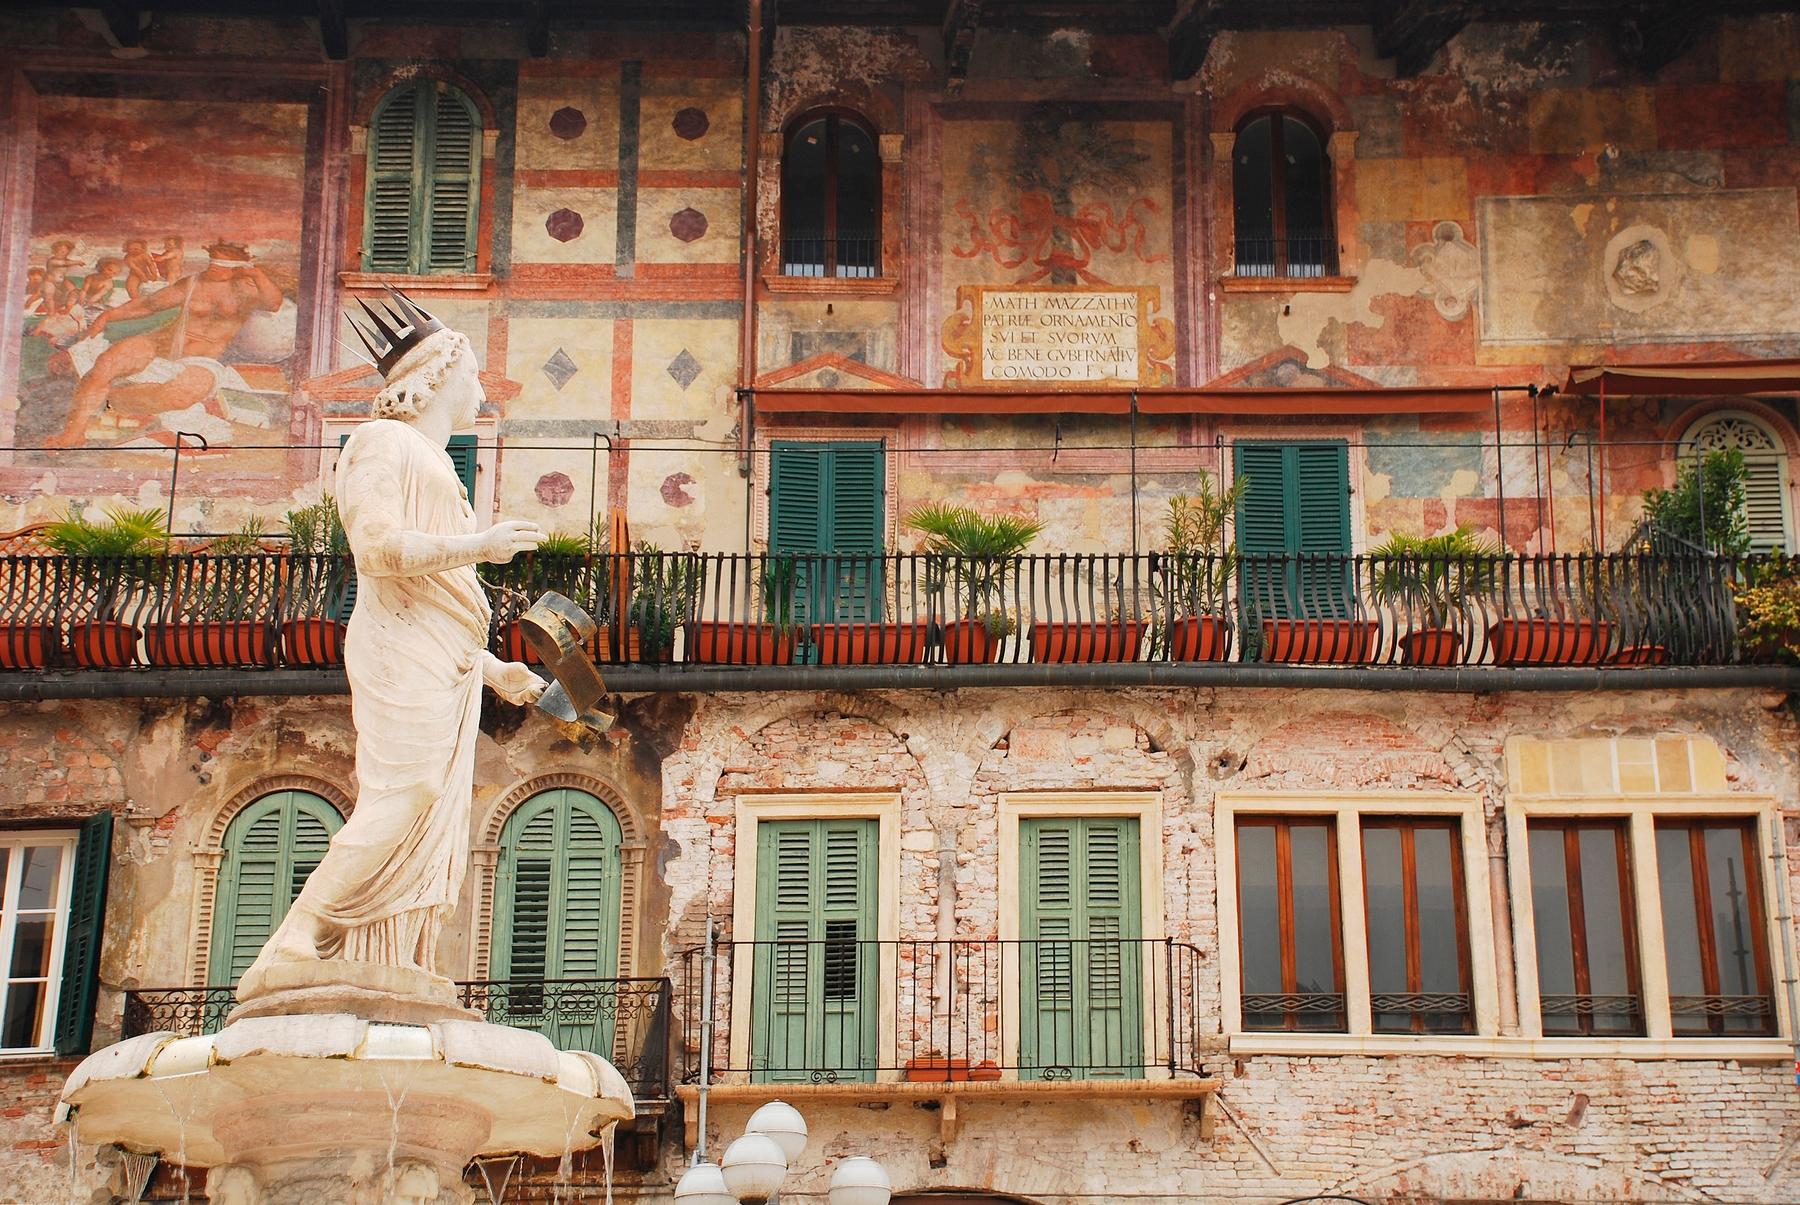 Фонтан Веронской Мадонны на фоне Дома Маццанти на Пьяцца делле Эрбе в Вероне.